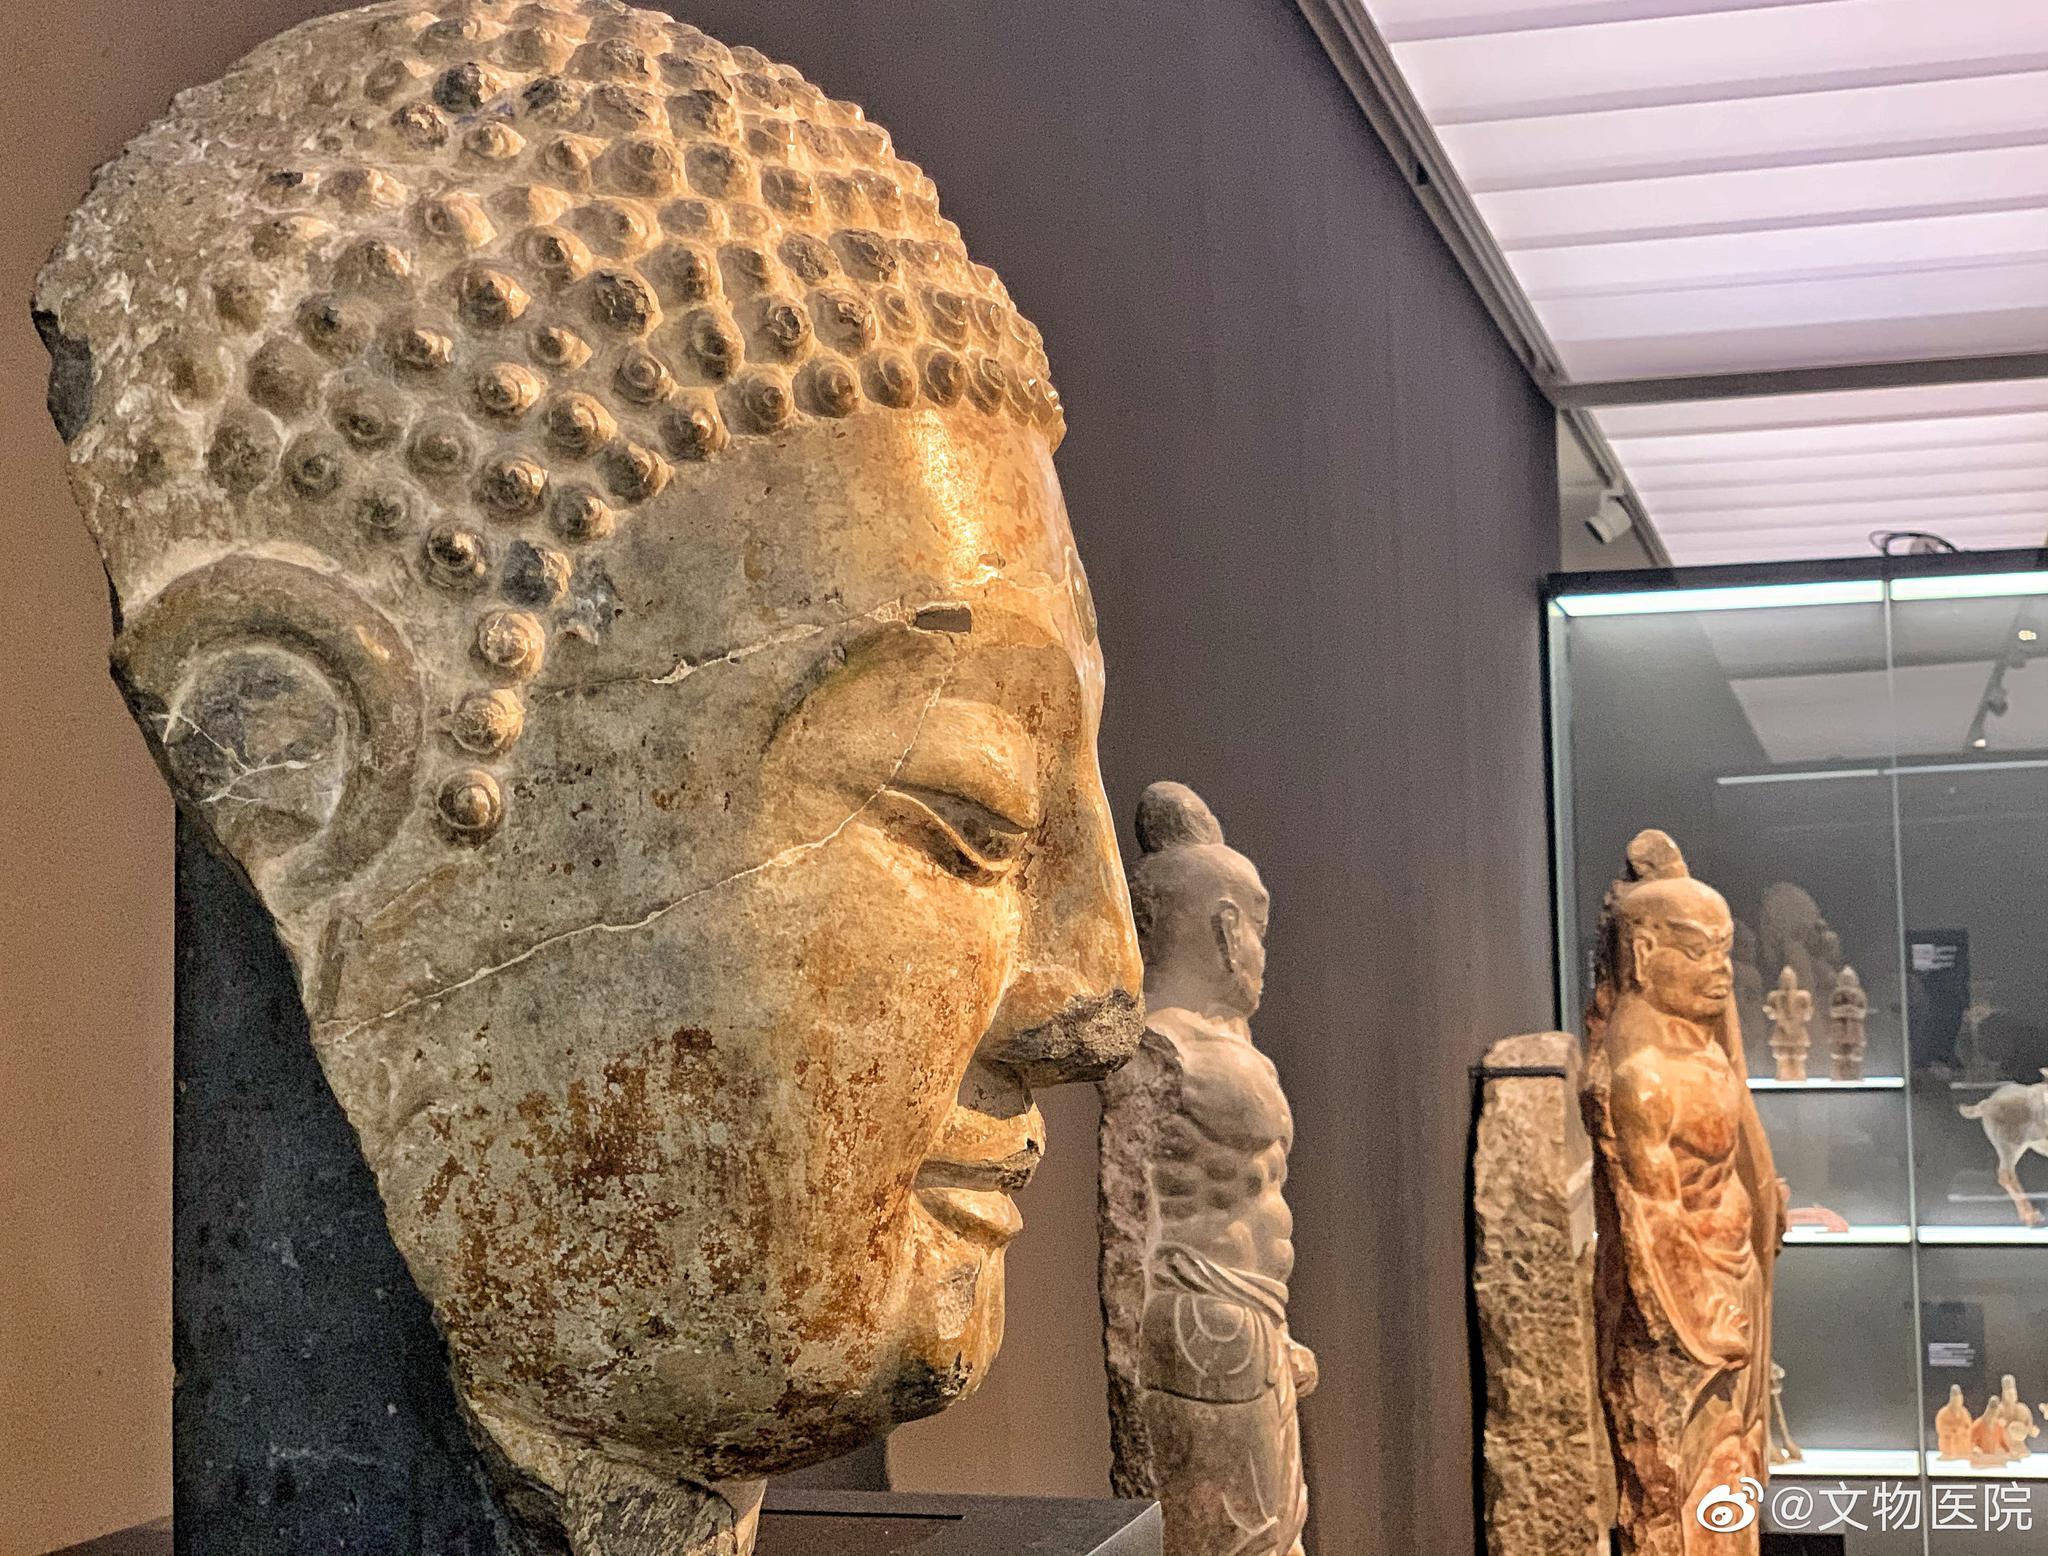 苏黎世里特贝格博物馆(Rietburg museum)收藏的部分中国南北朝 —